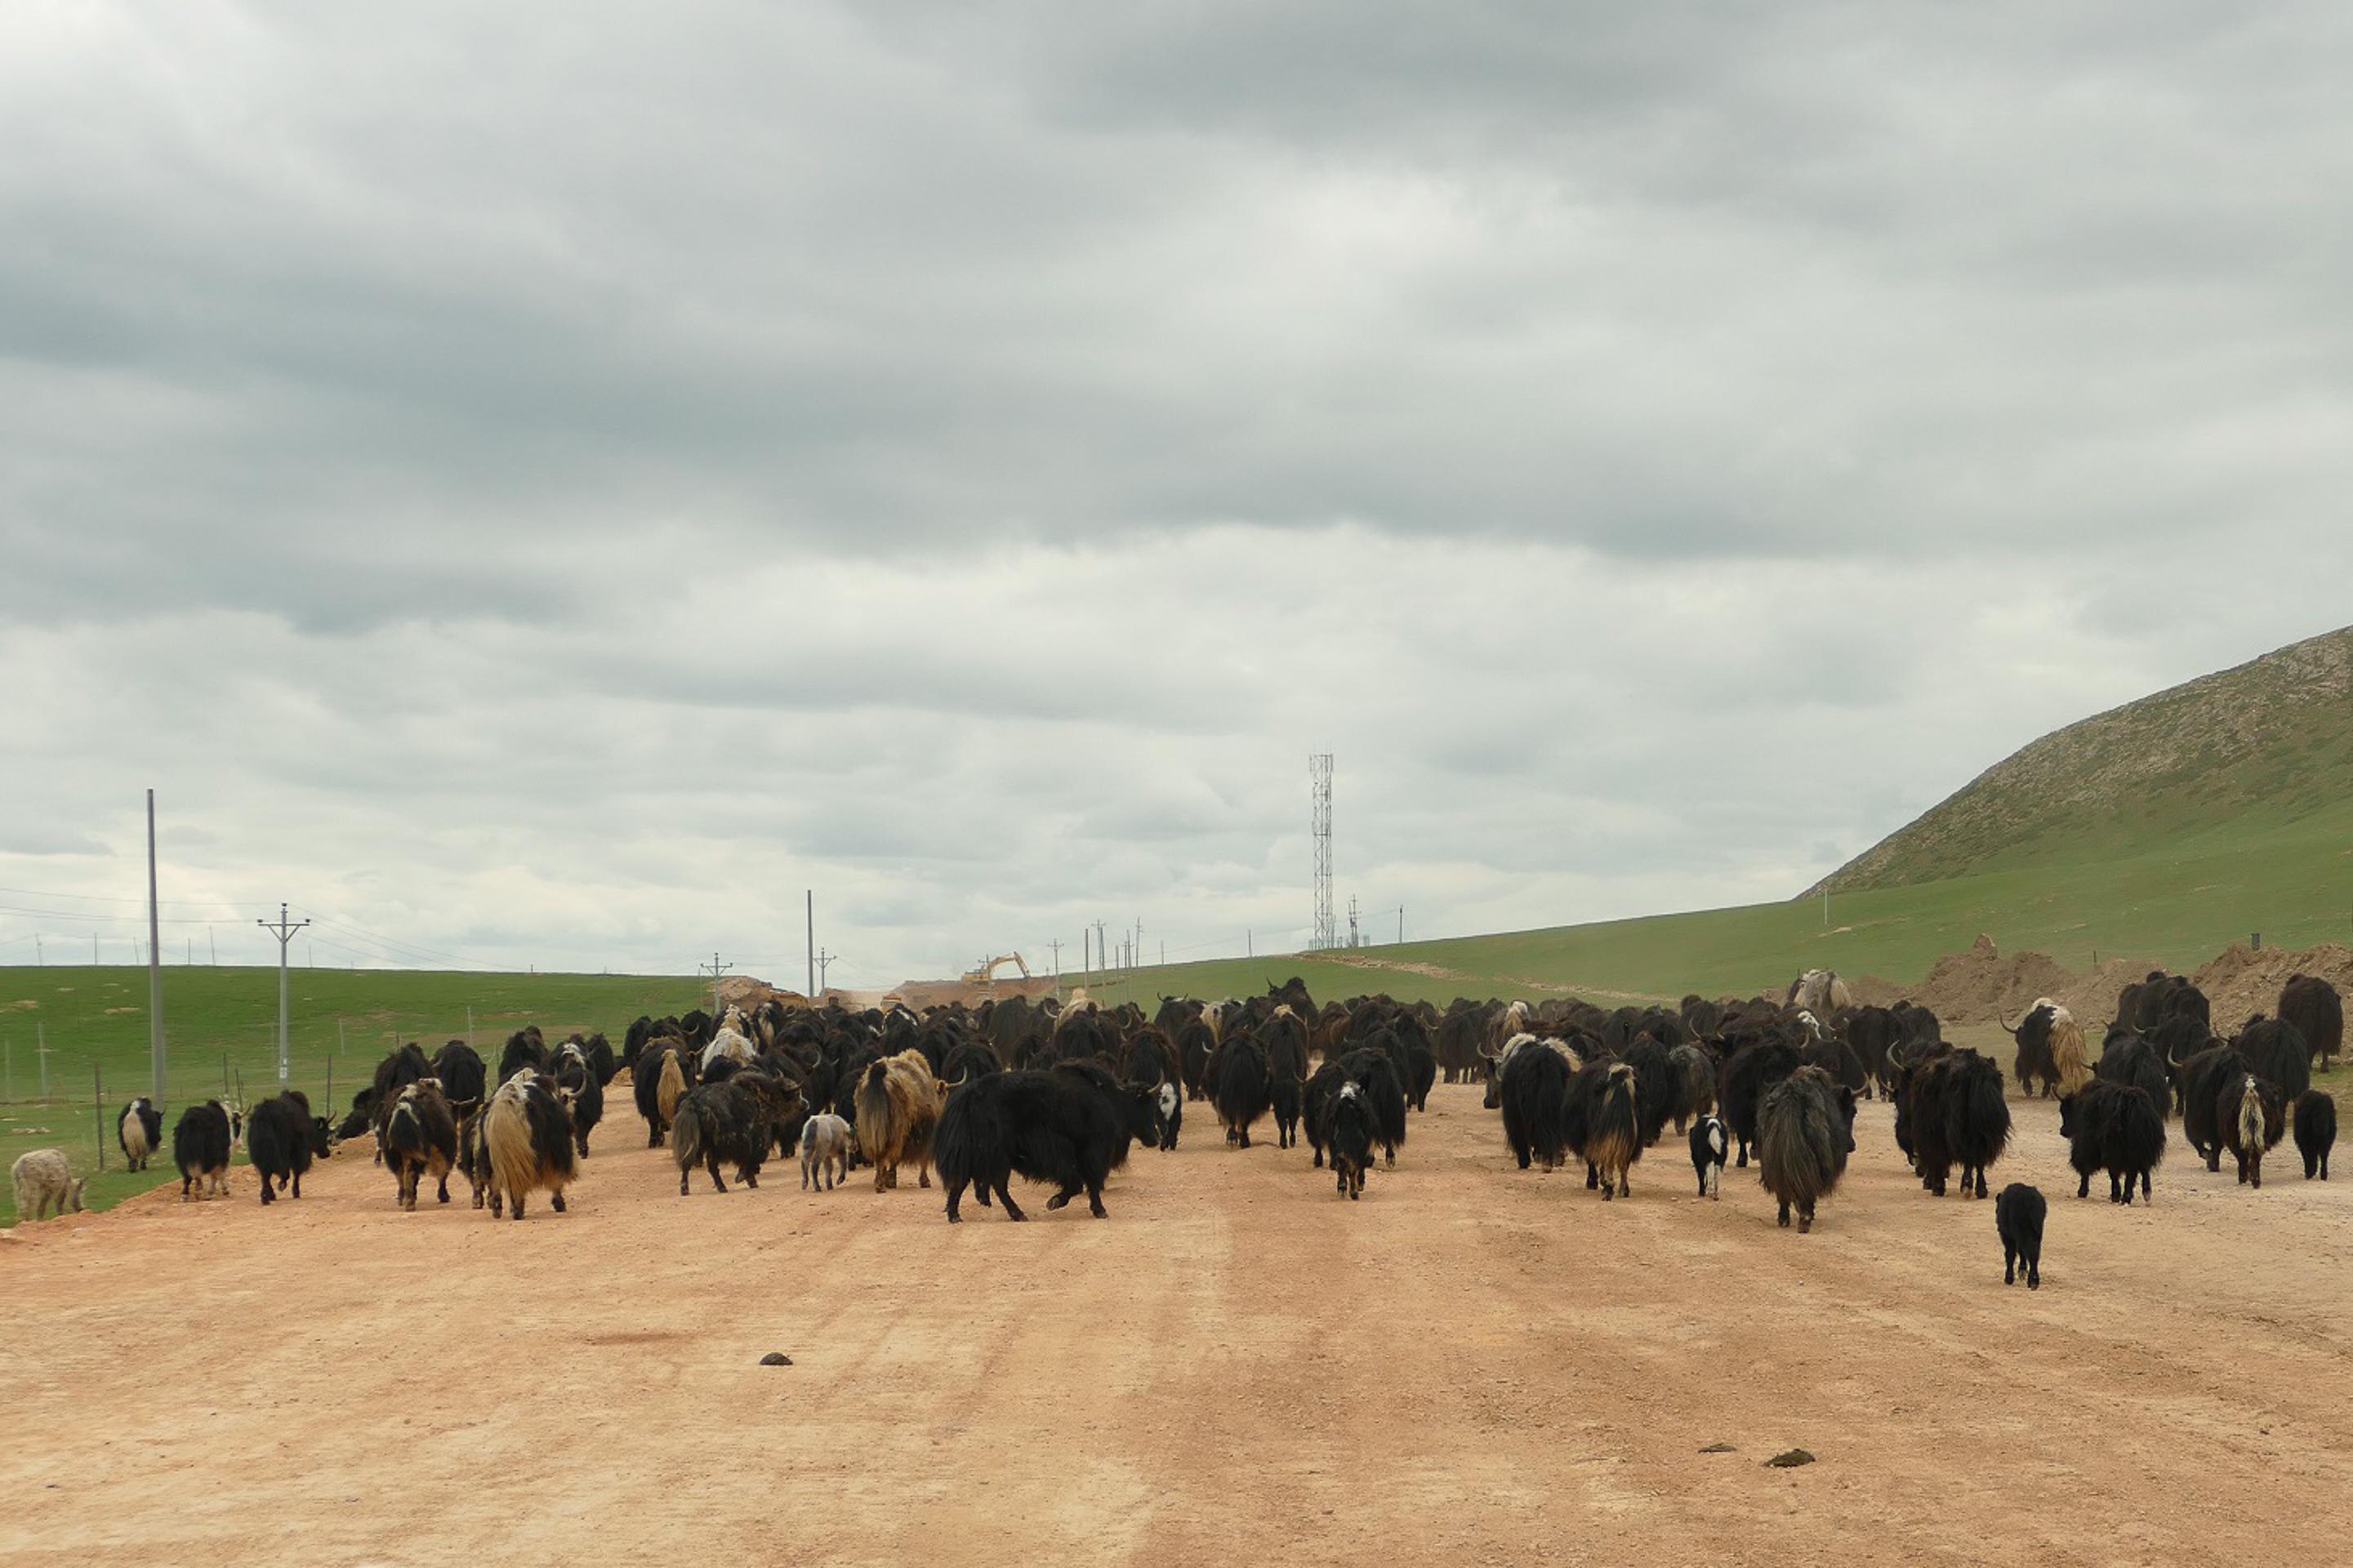 voyage Tibet, sur la route de l'Amdo